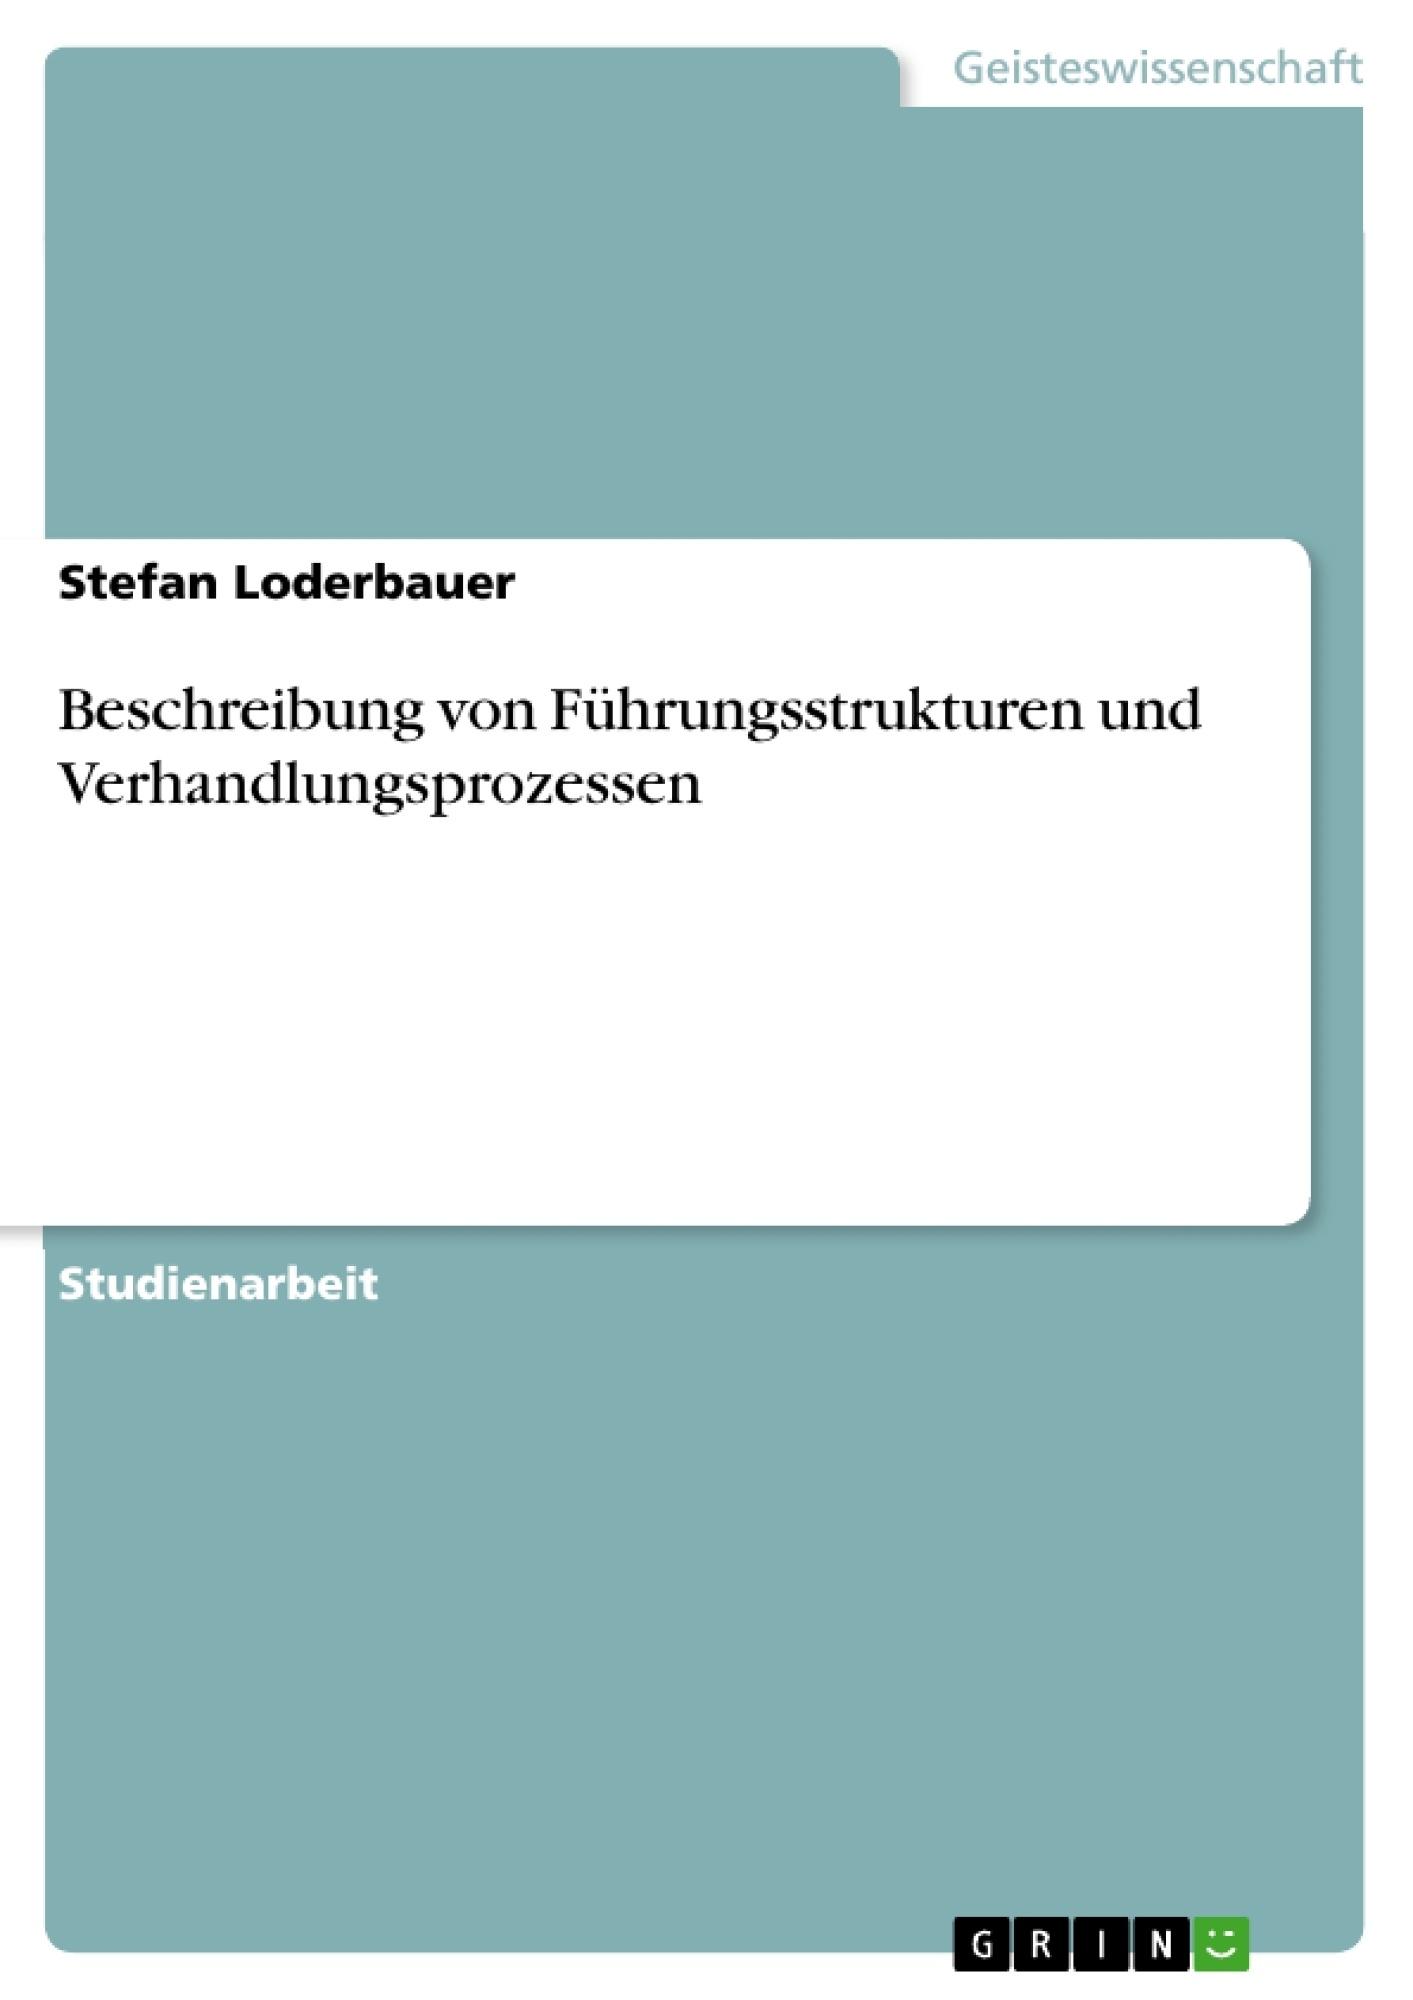 Titel: Beschreibung von Führungsstrukturen und Verhandlungsprozessen